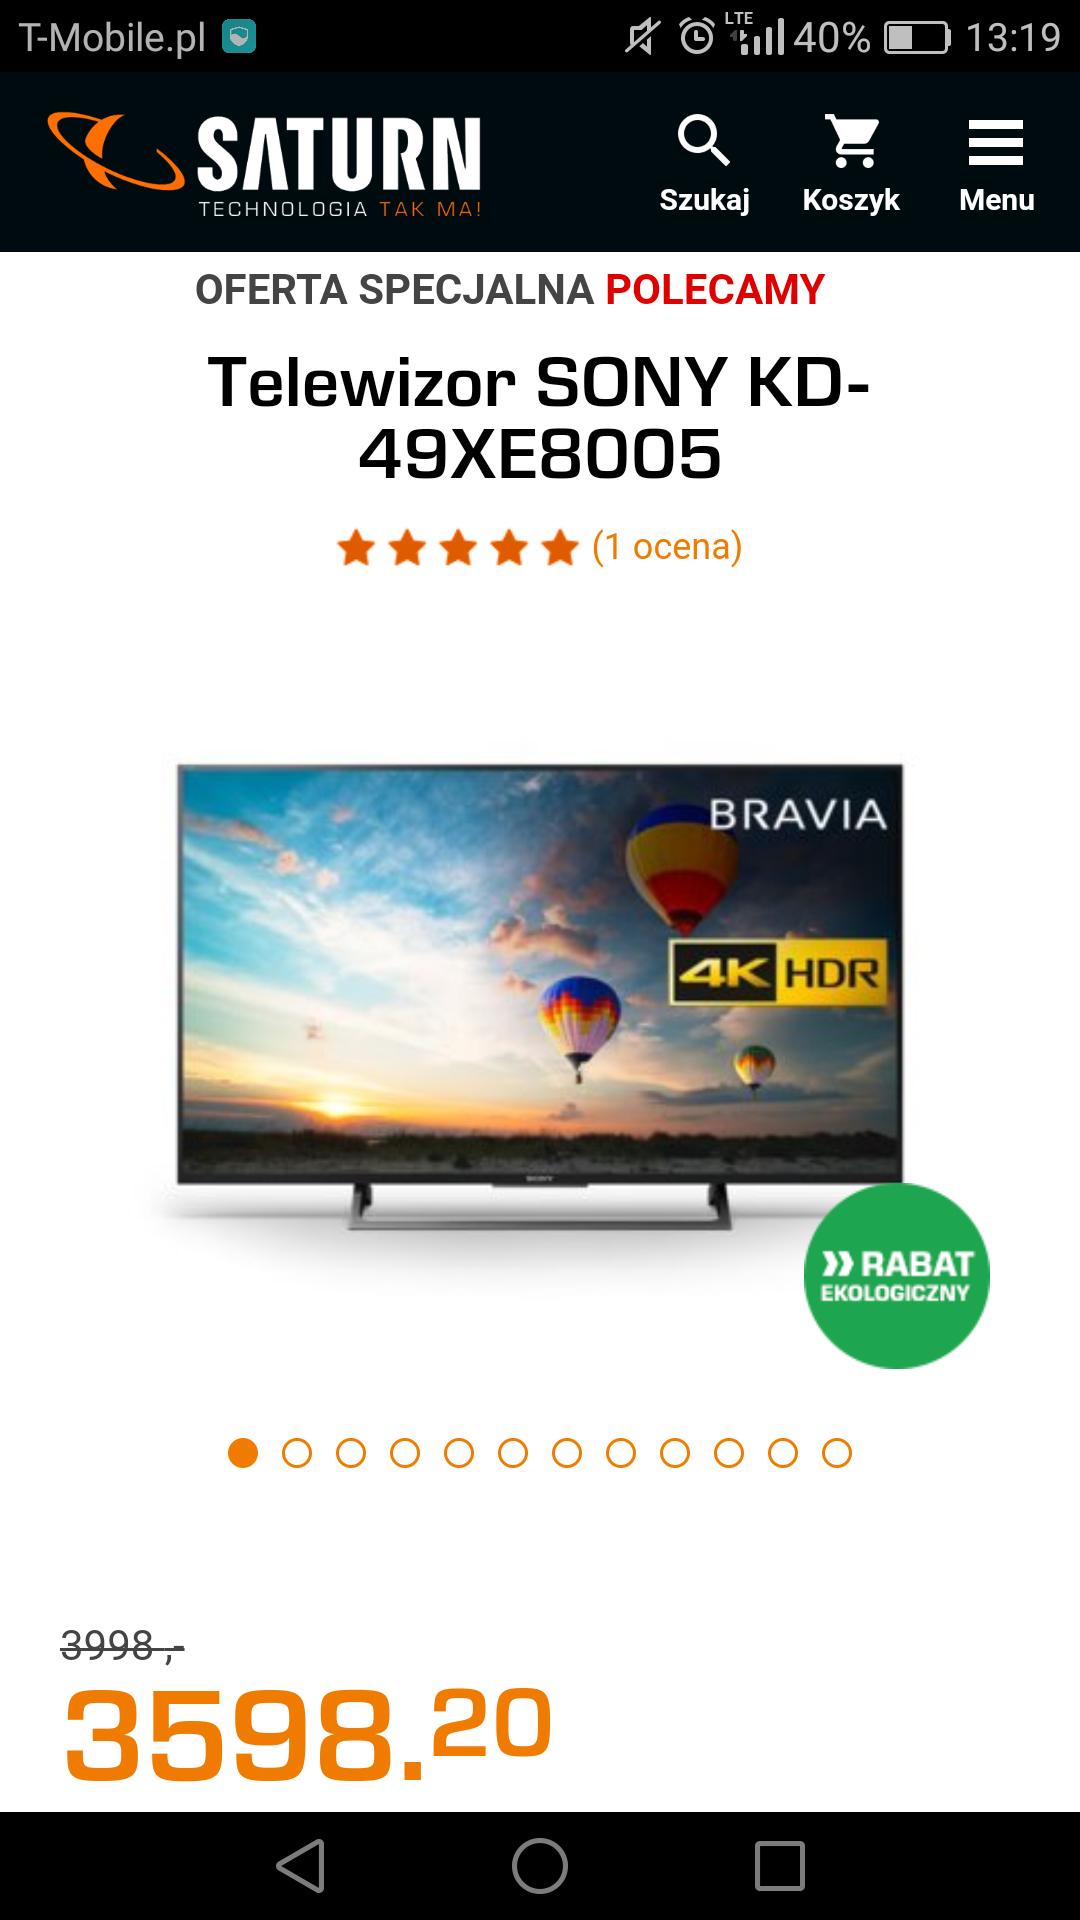 Telewizor Sony KD-49XE8005